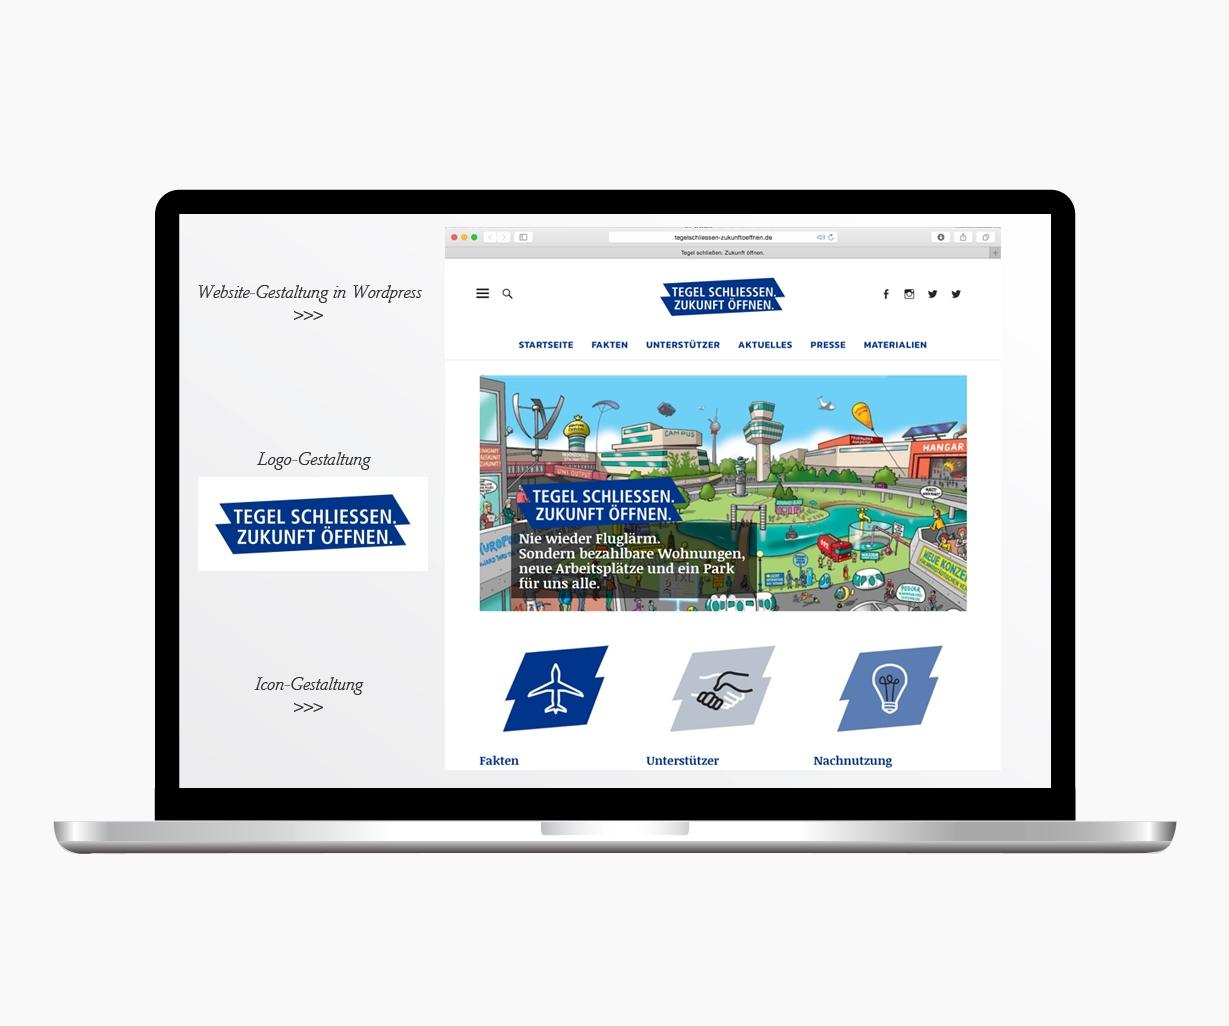 Website Gestaltung Tegel schliessen Zukunft öffnen